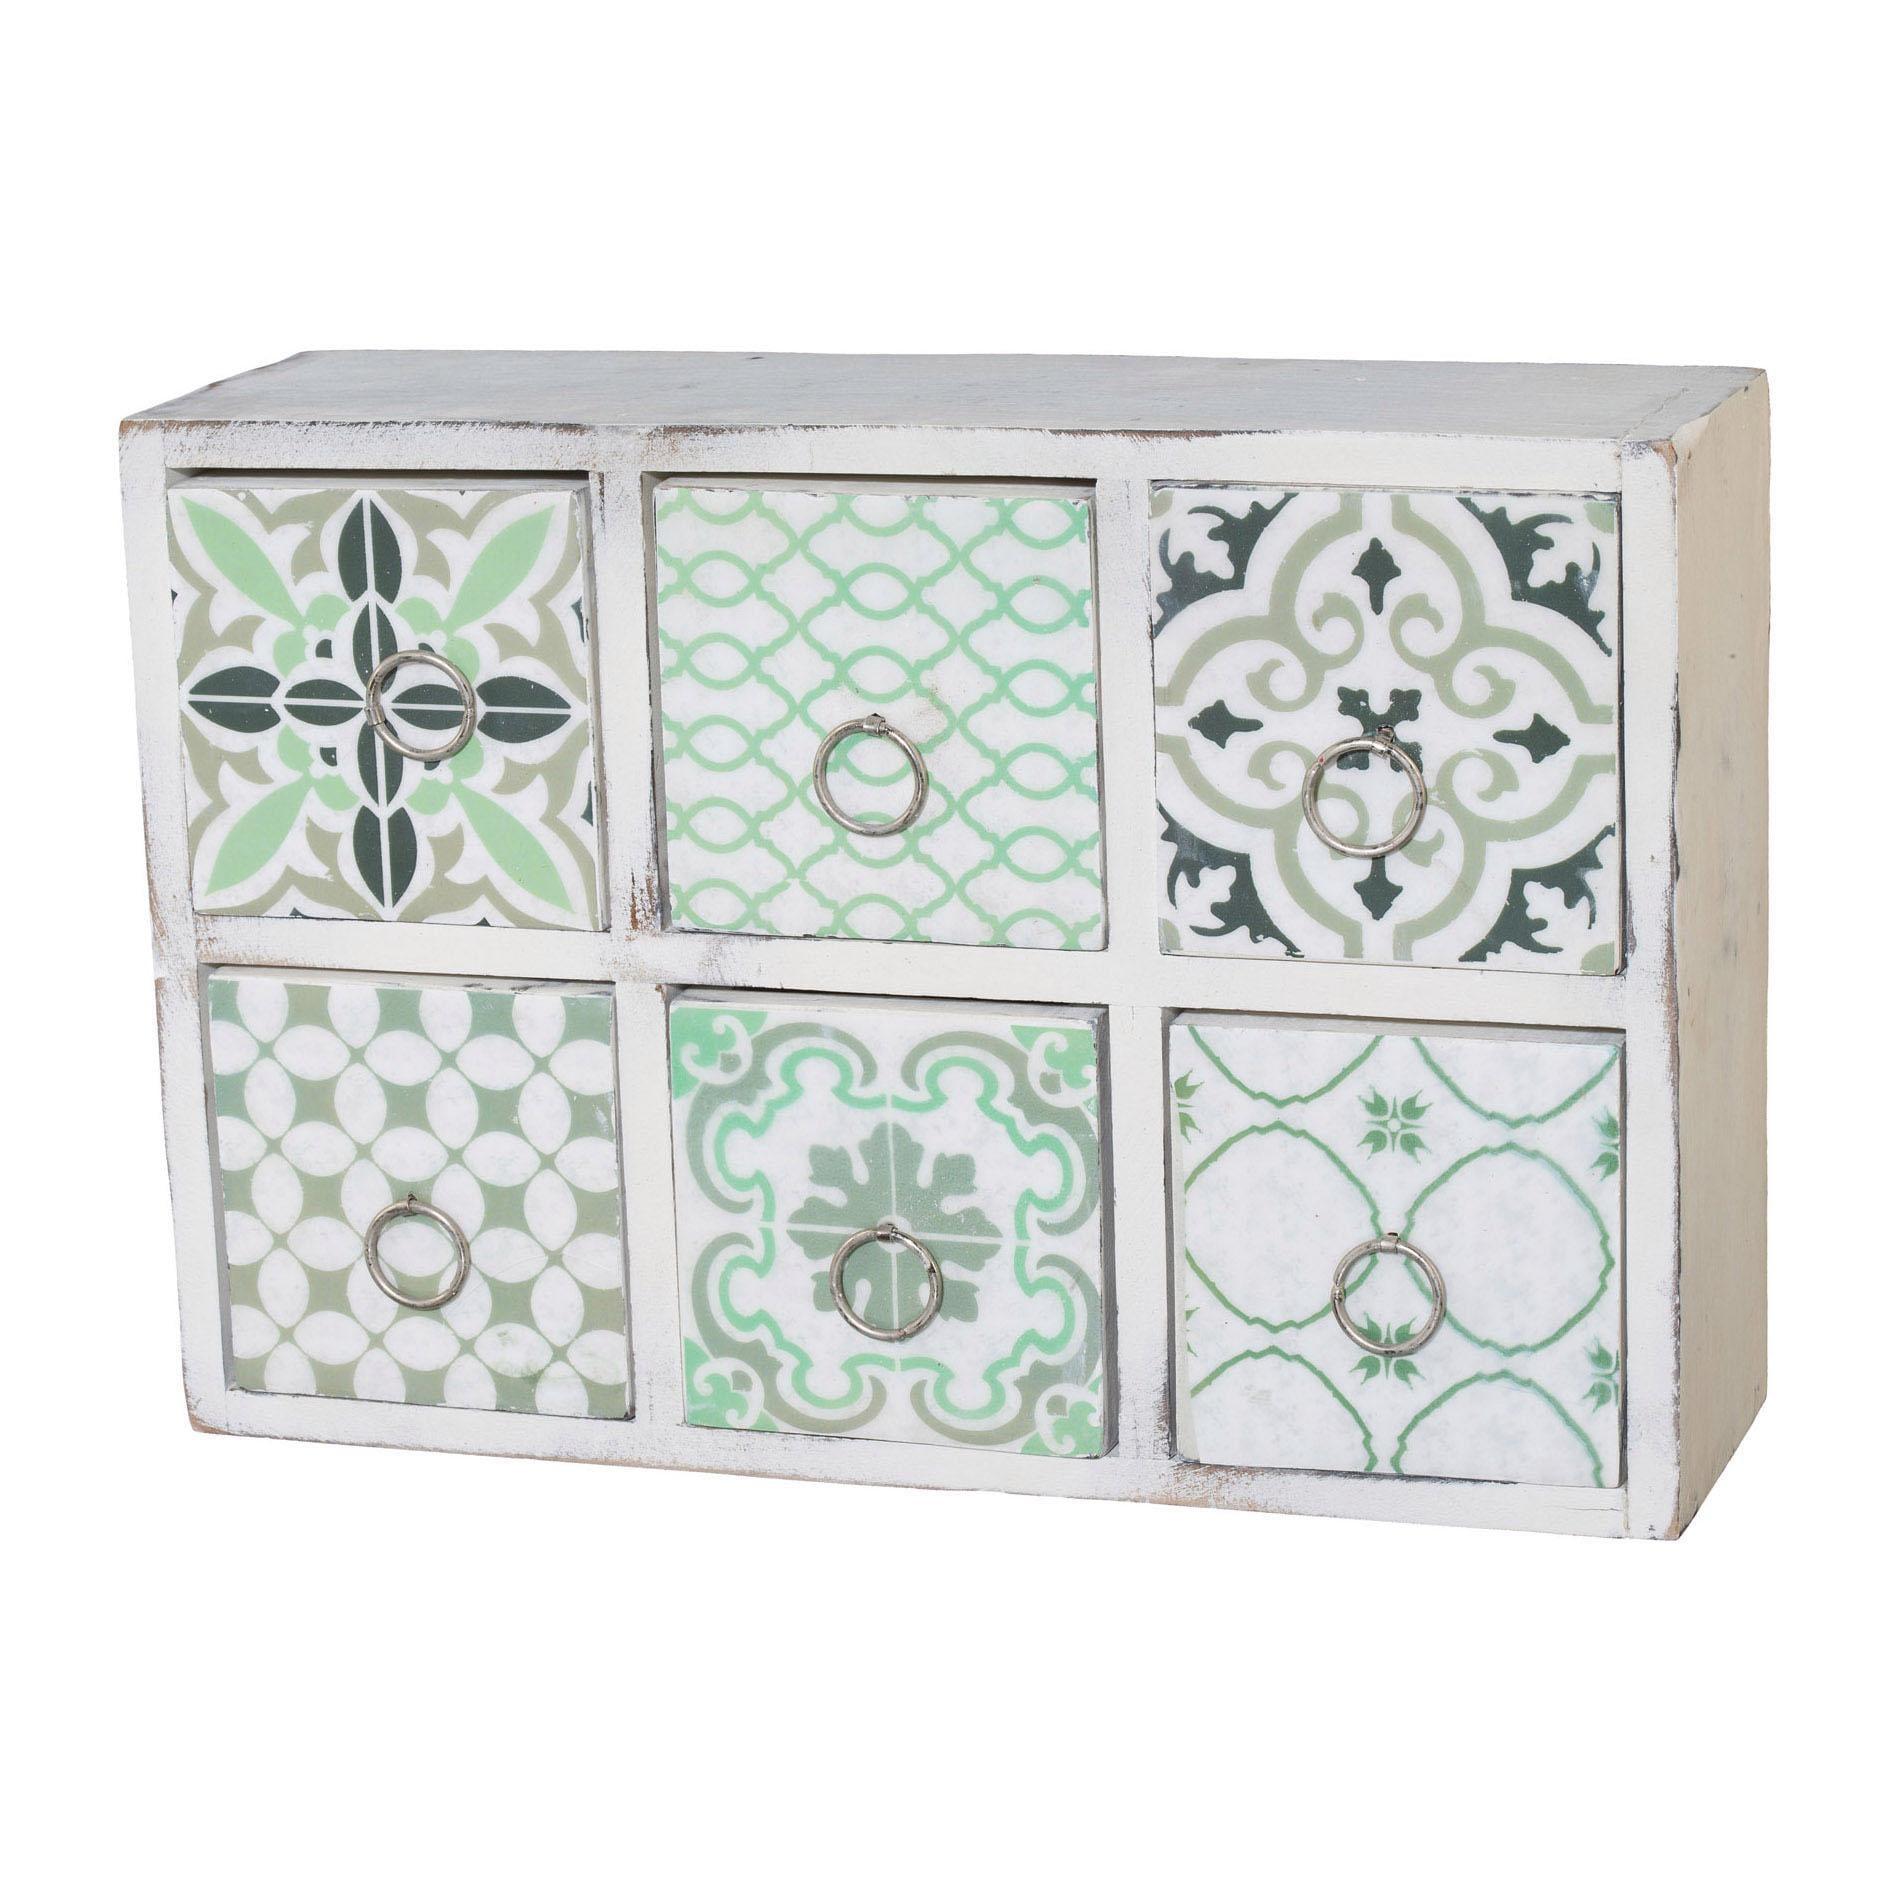 Aufbewahrungsbox grün Kleideraufbewahrung Aufbewahrung Ordnung Wohnaccessoires